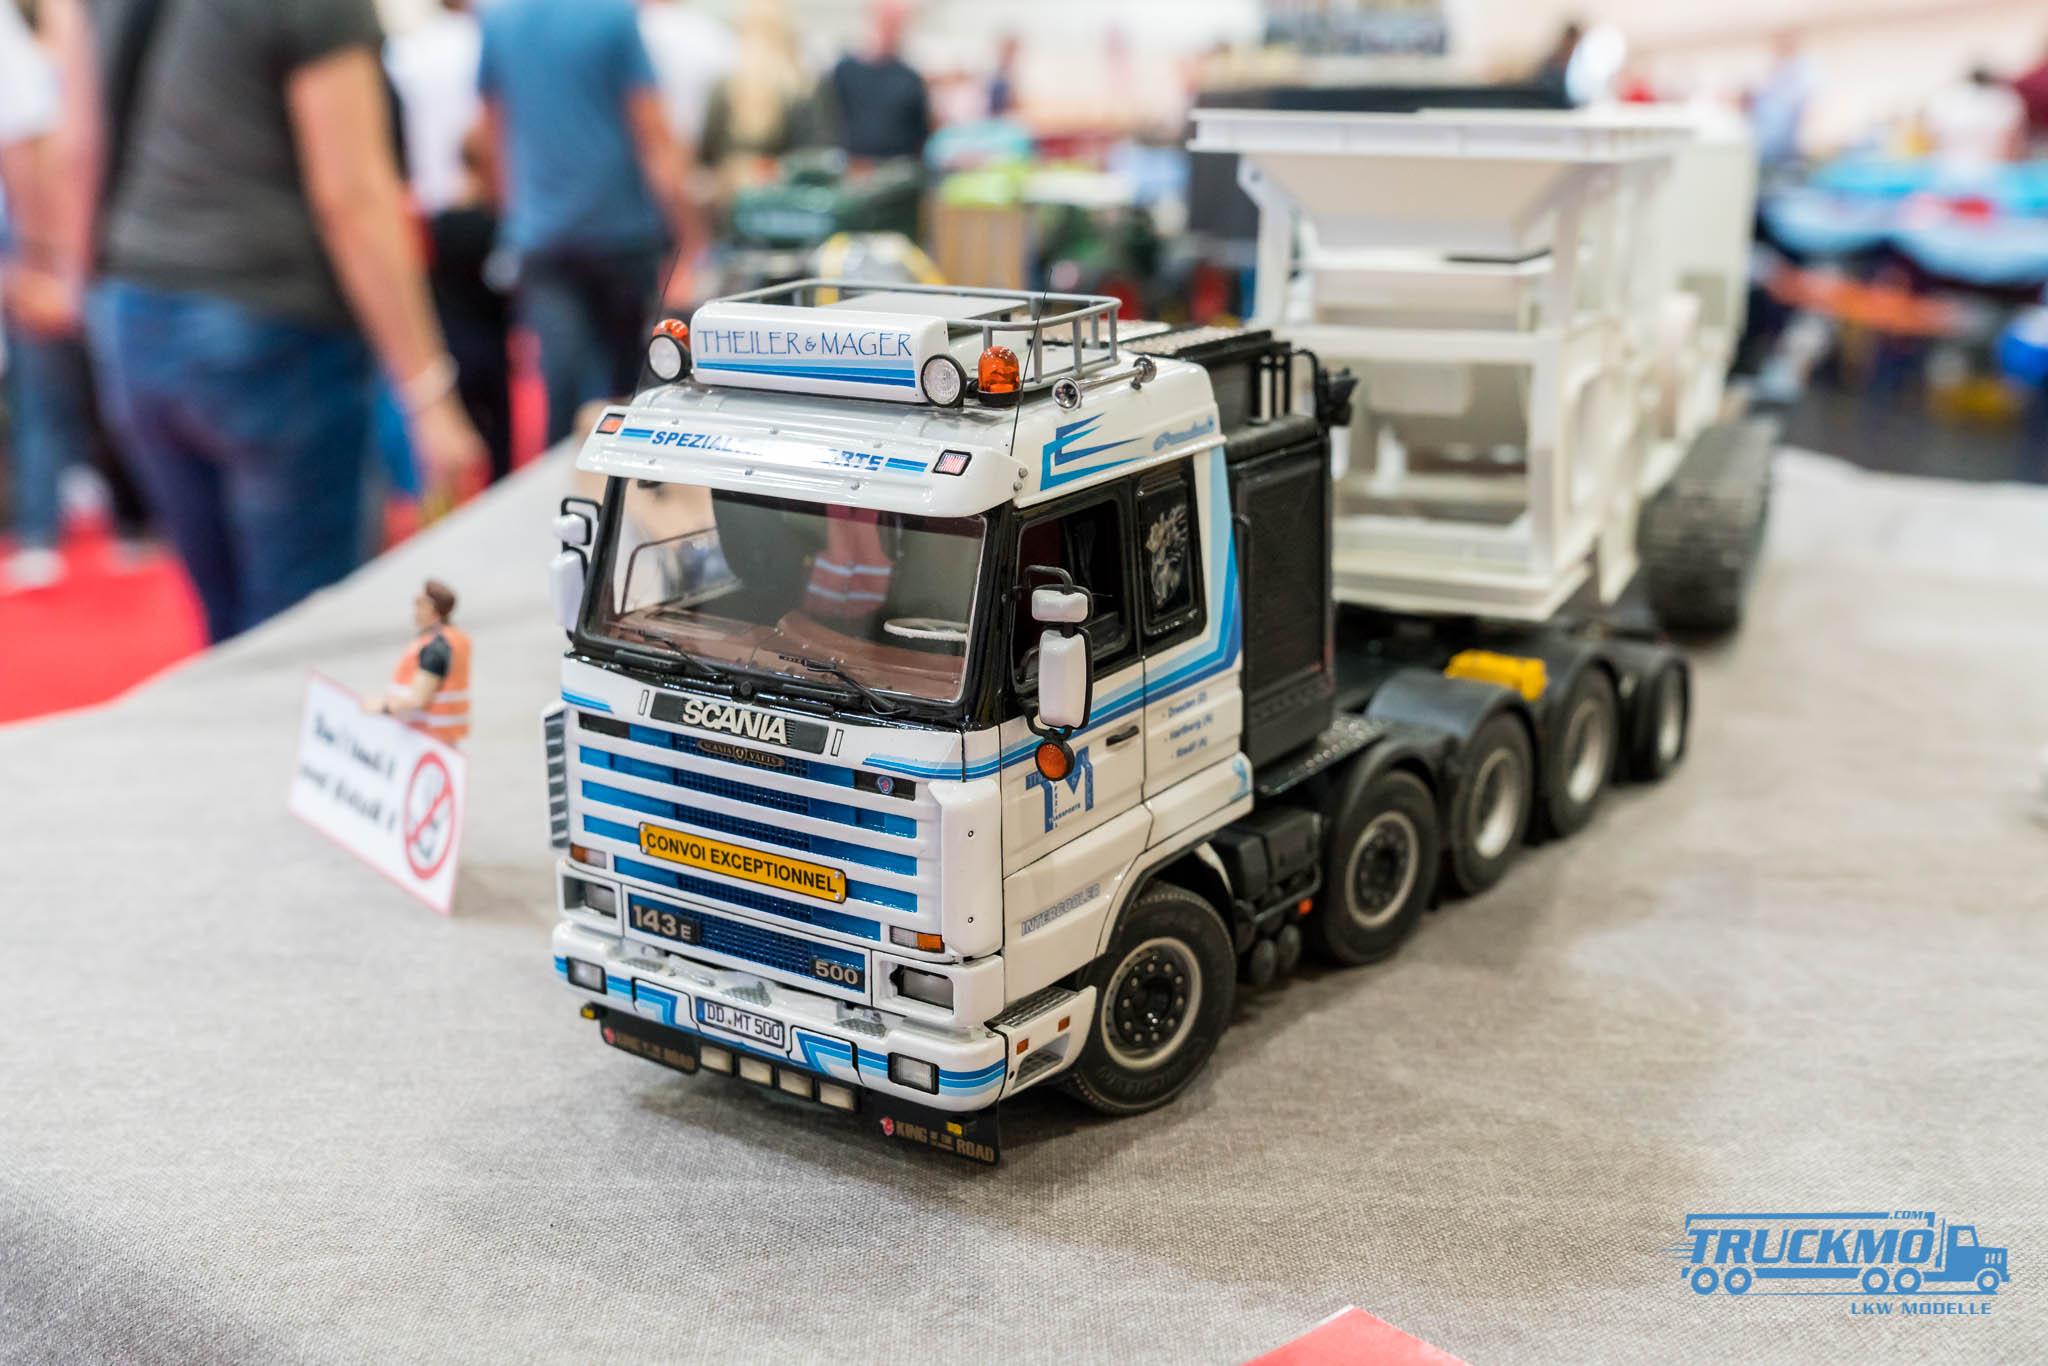 Truckmo_Modellbau_Ried_2017_Herpa_Messe_Modellbauausstellung (416 von 1177)